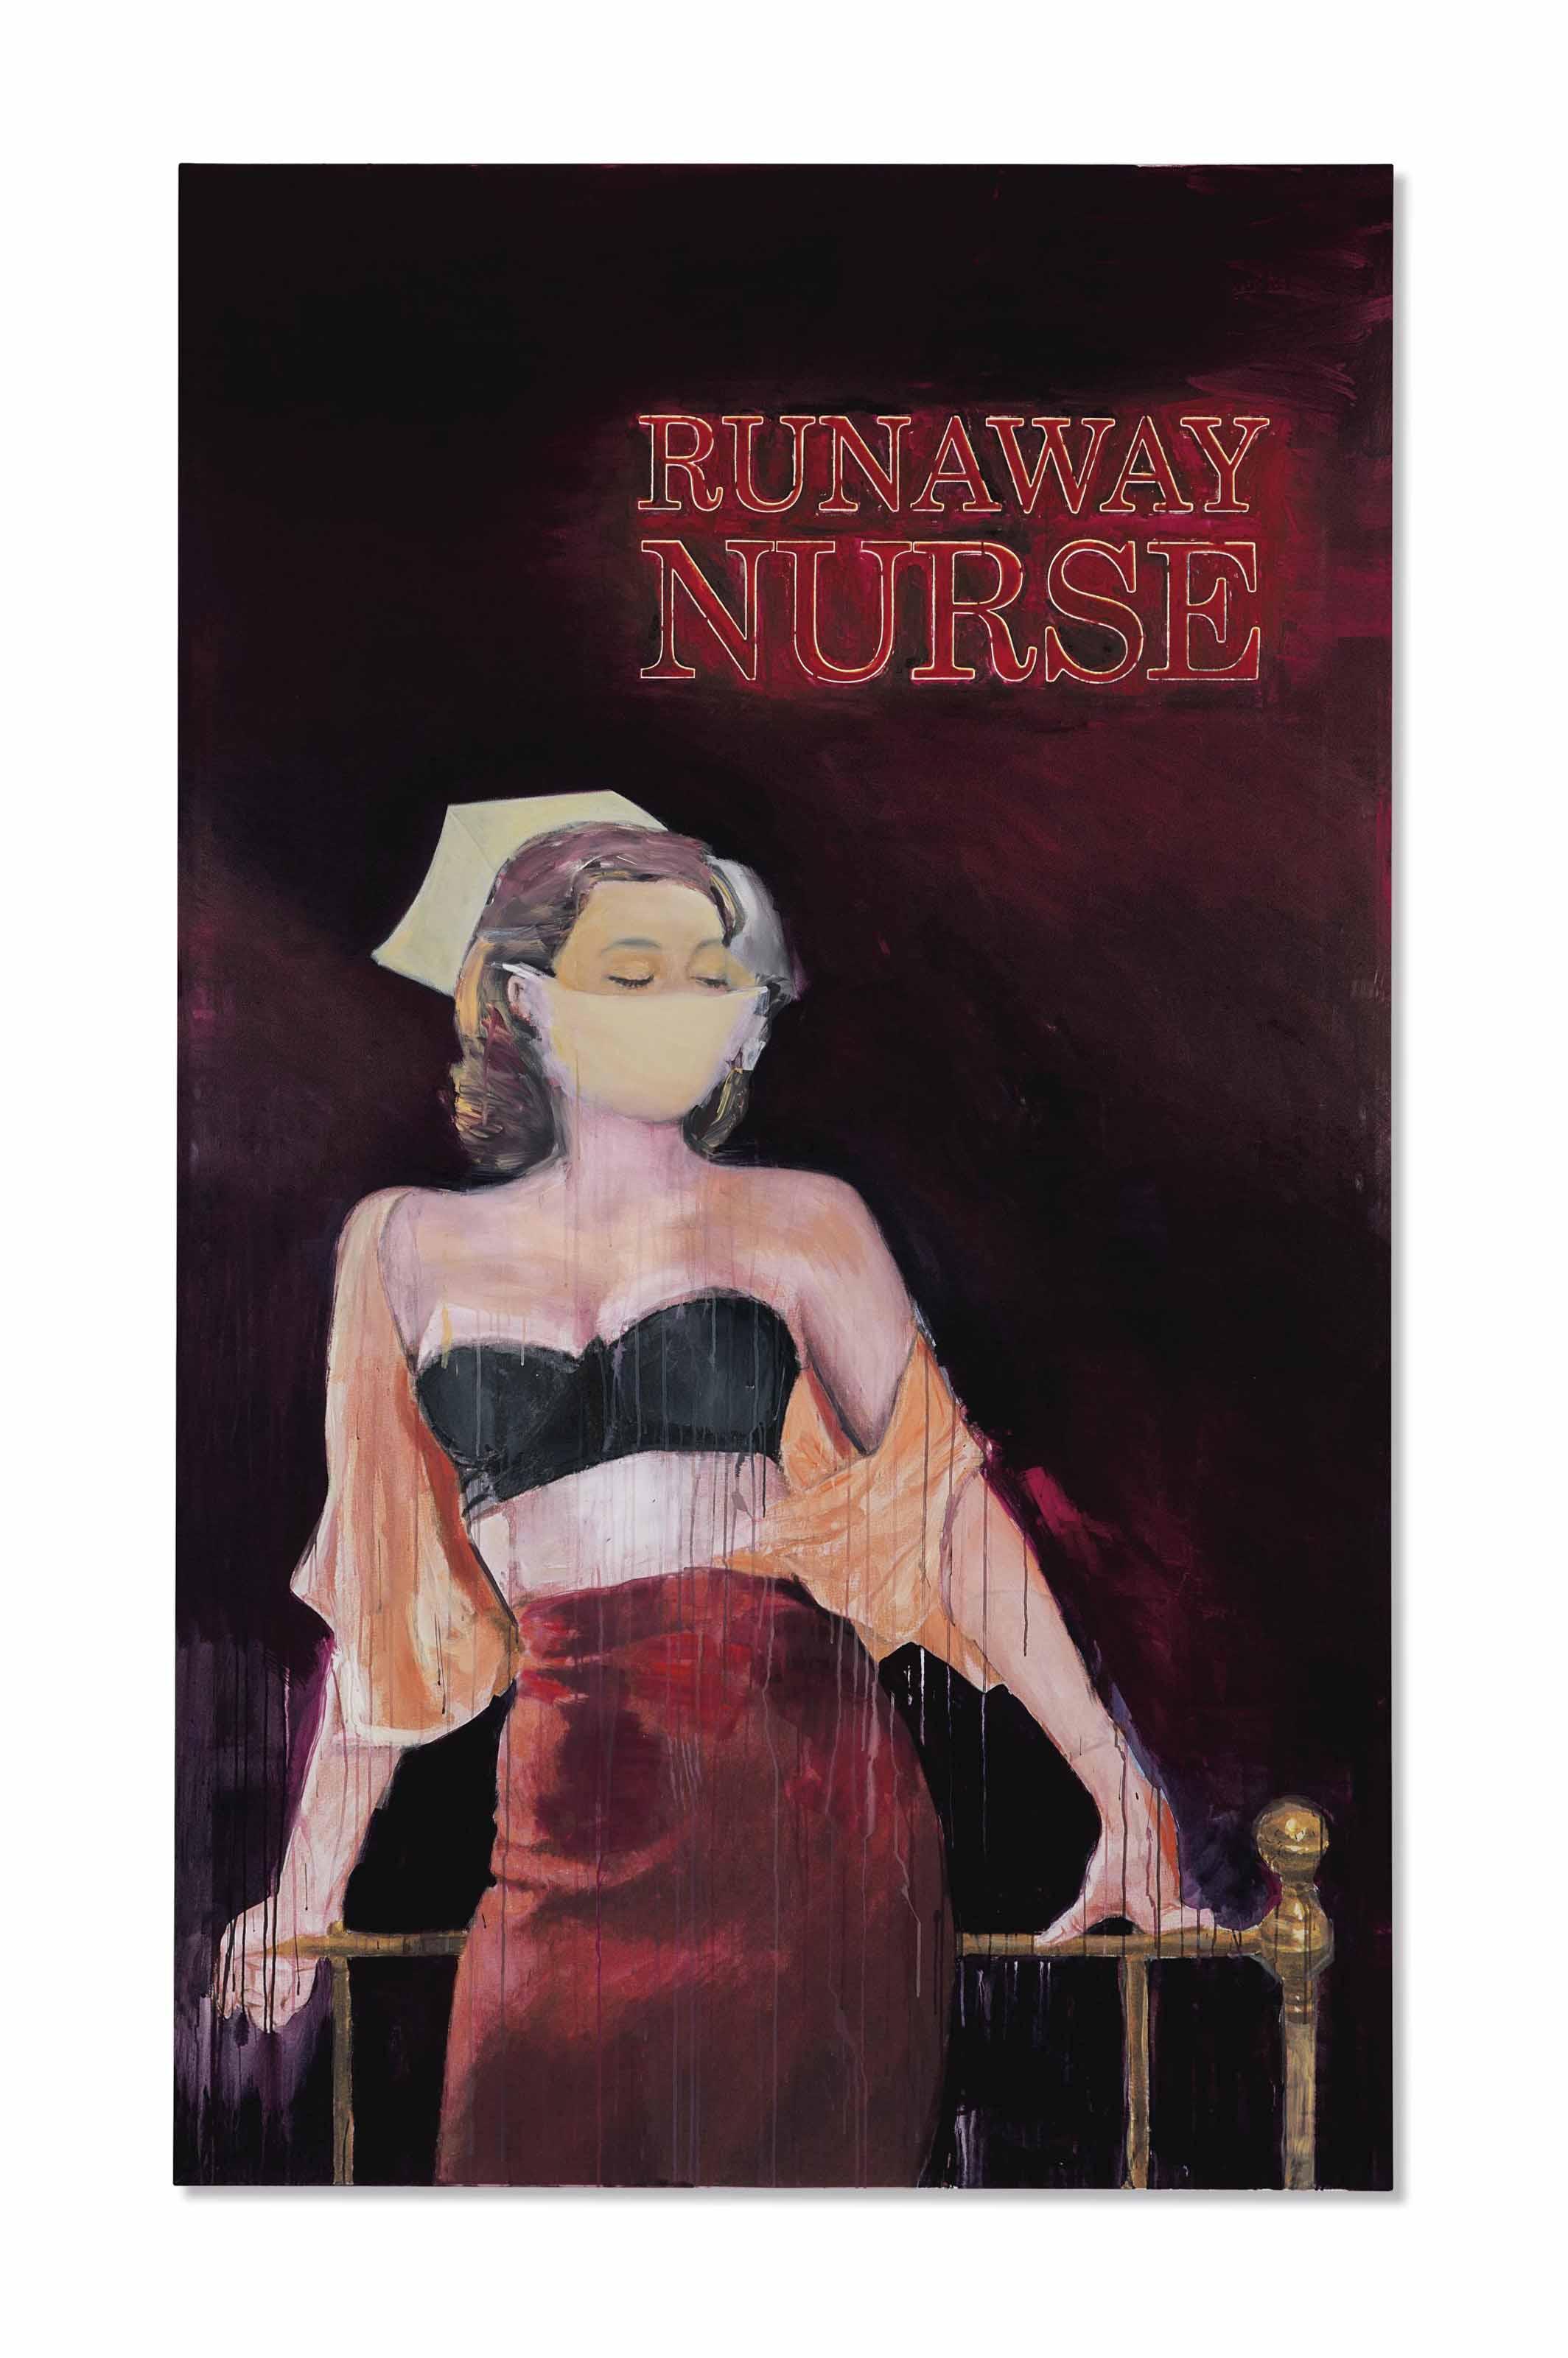 Runaway Nurse